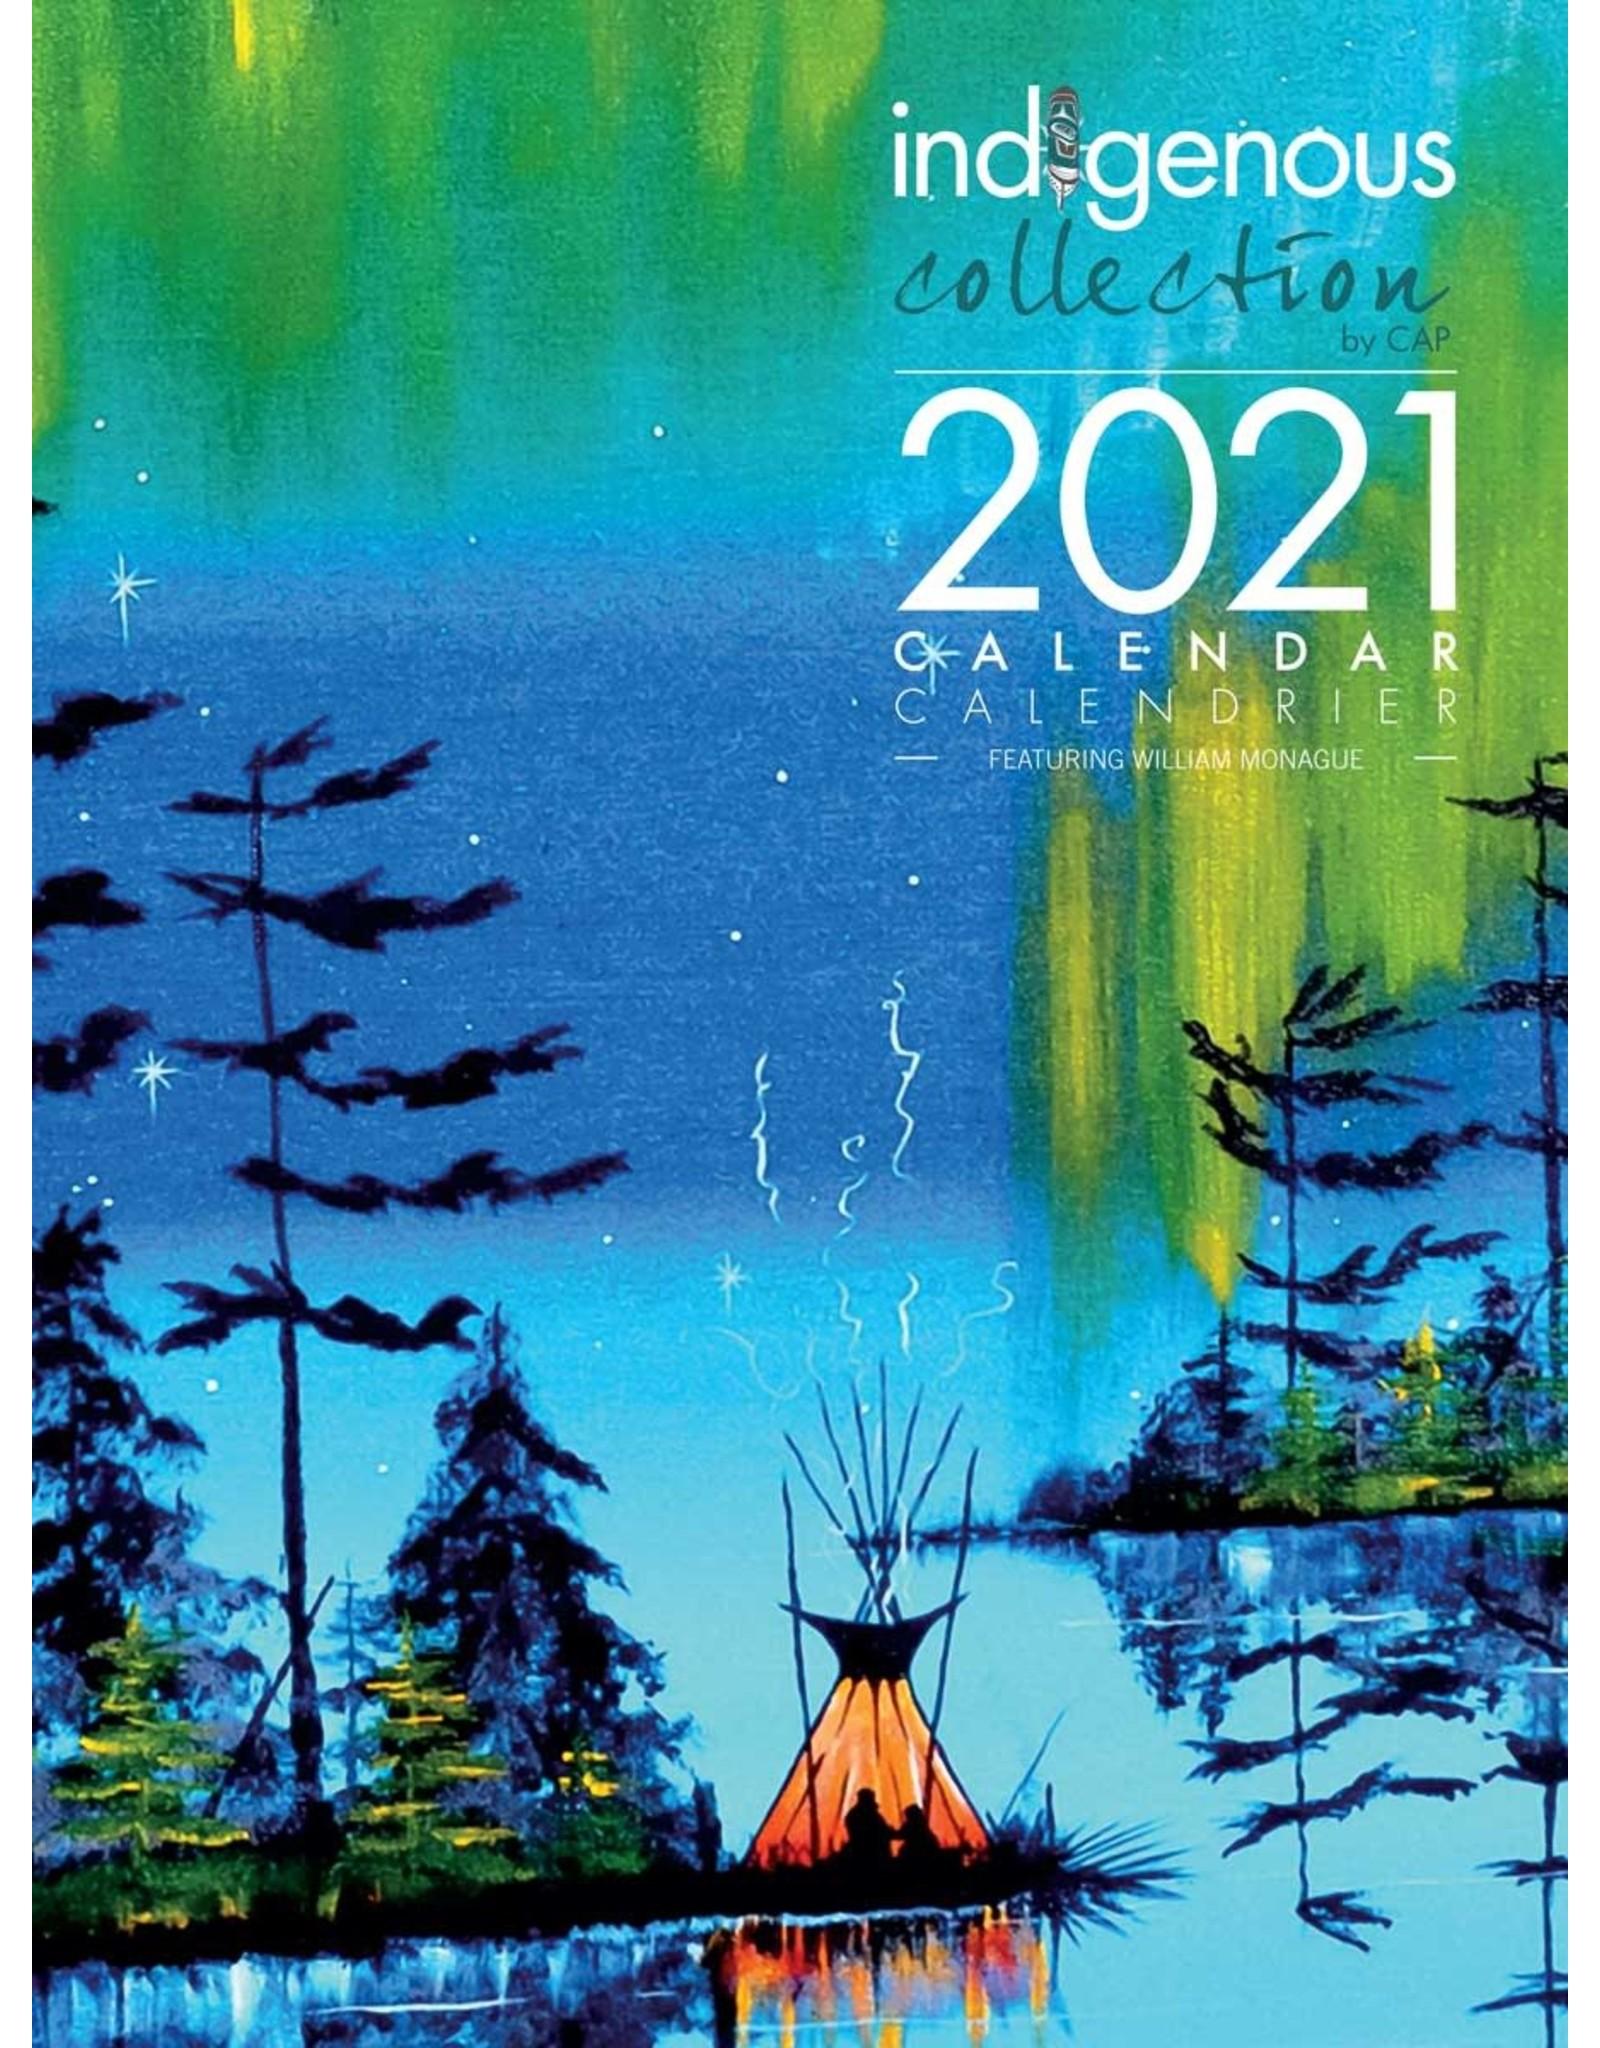 William Monague 2021 Calendar - CAL 122